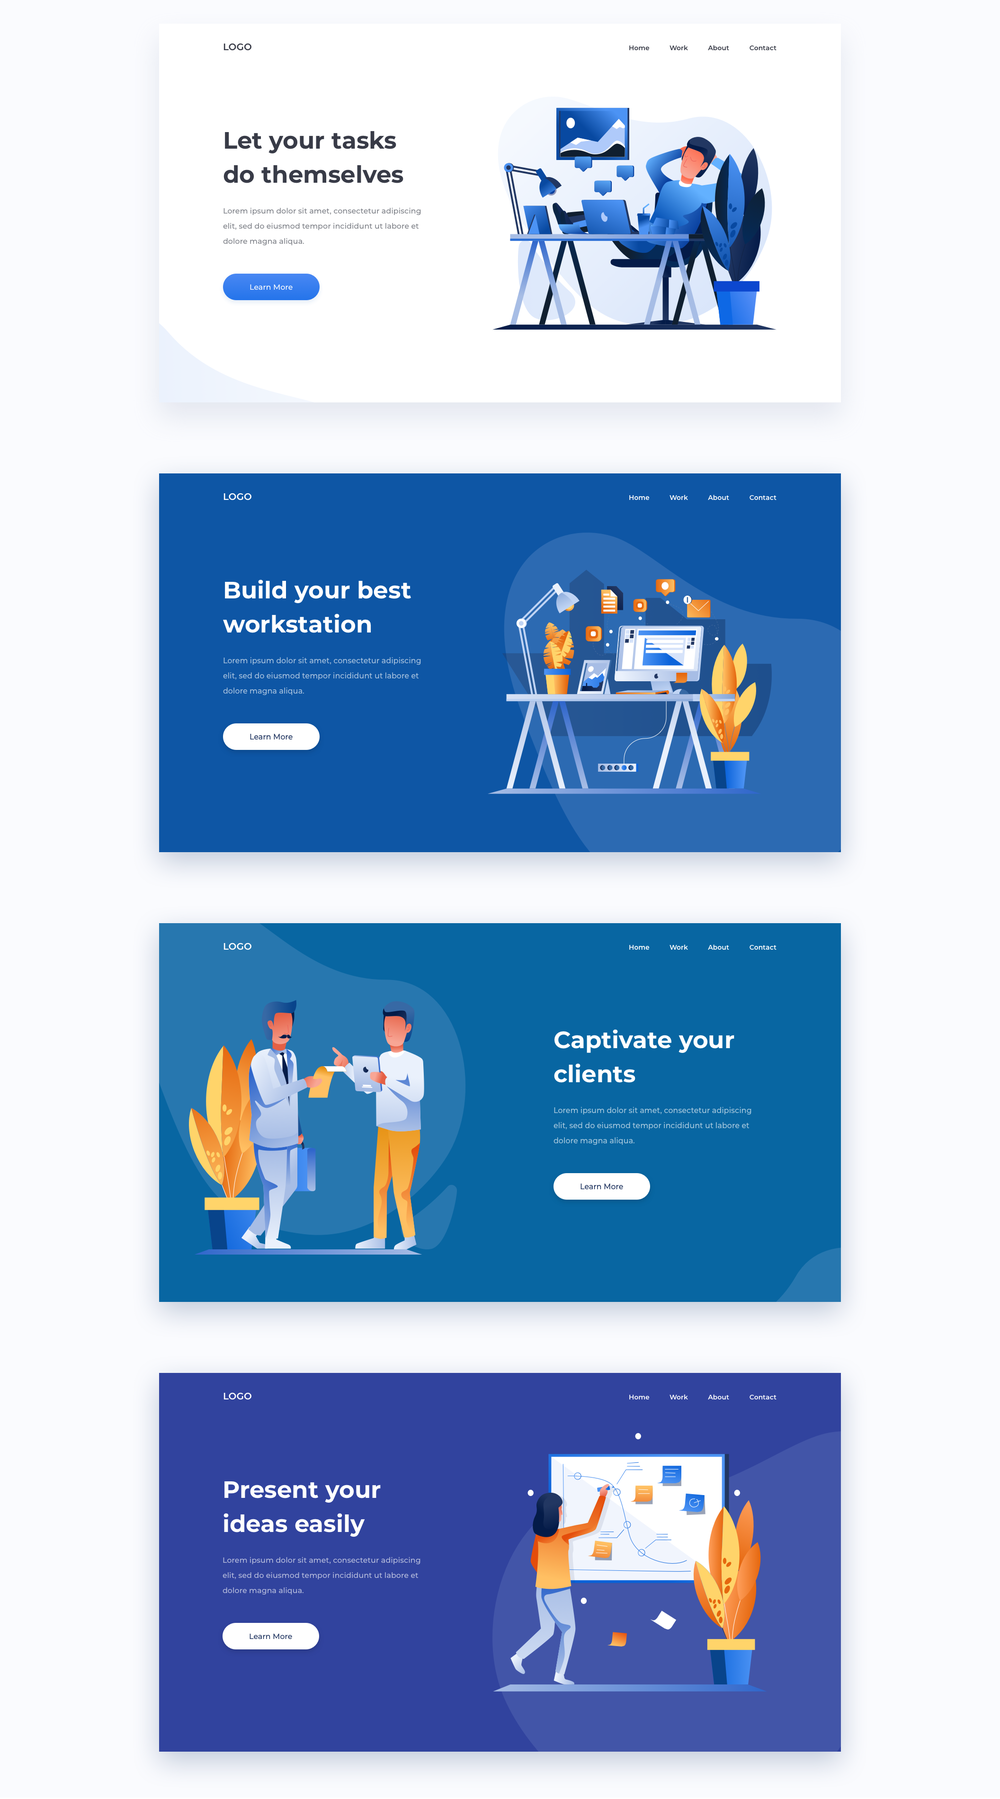 移动版网页版工作和办公室插图包 UI界面-第18张